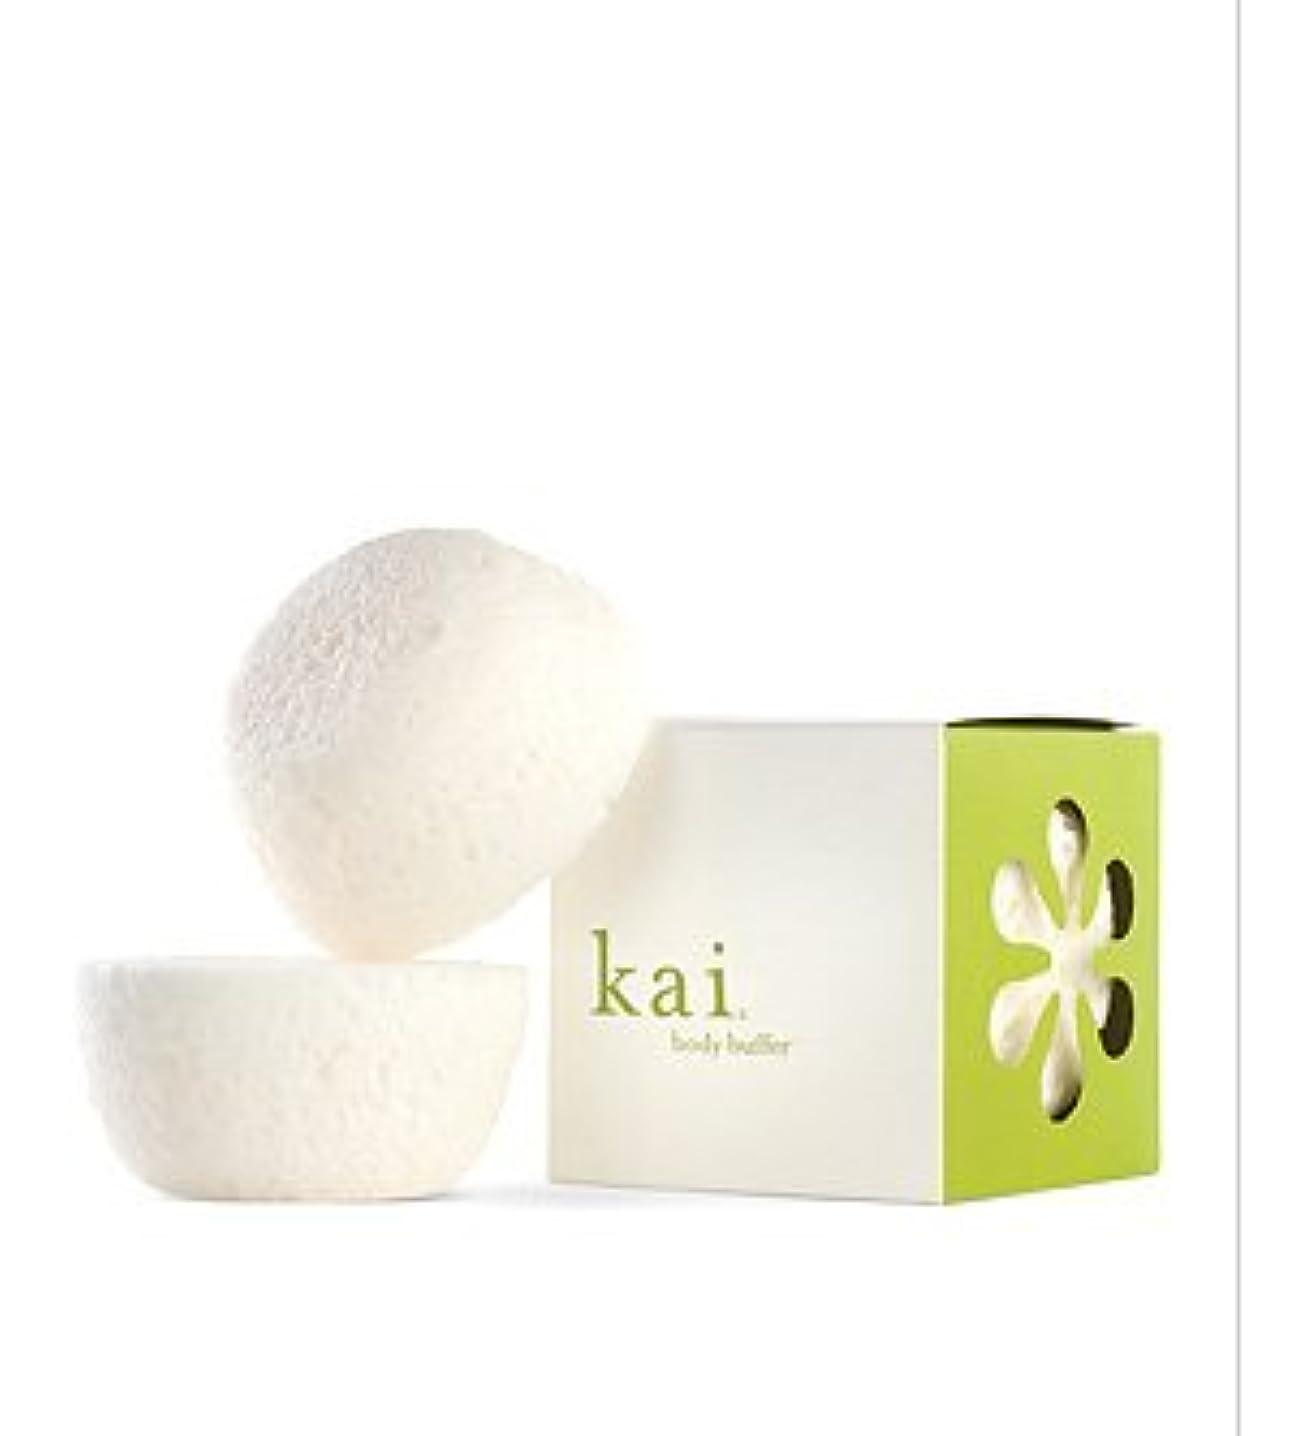 完璧な消毒剤保証〈海外直送品〉Kai Body Buffer (カイ ボディーバッファー) 2.75 oz (82.5ml) x 2 for Women